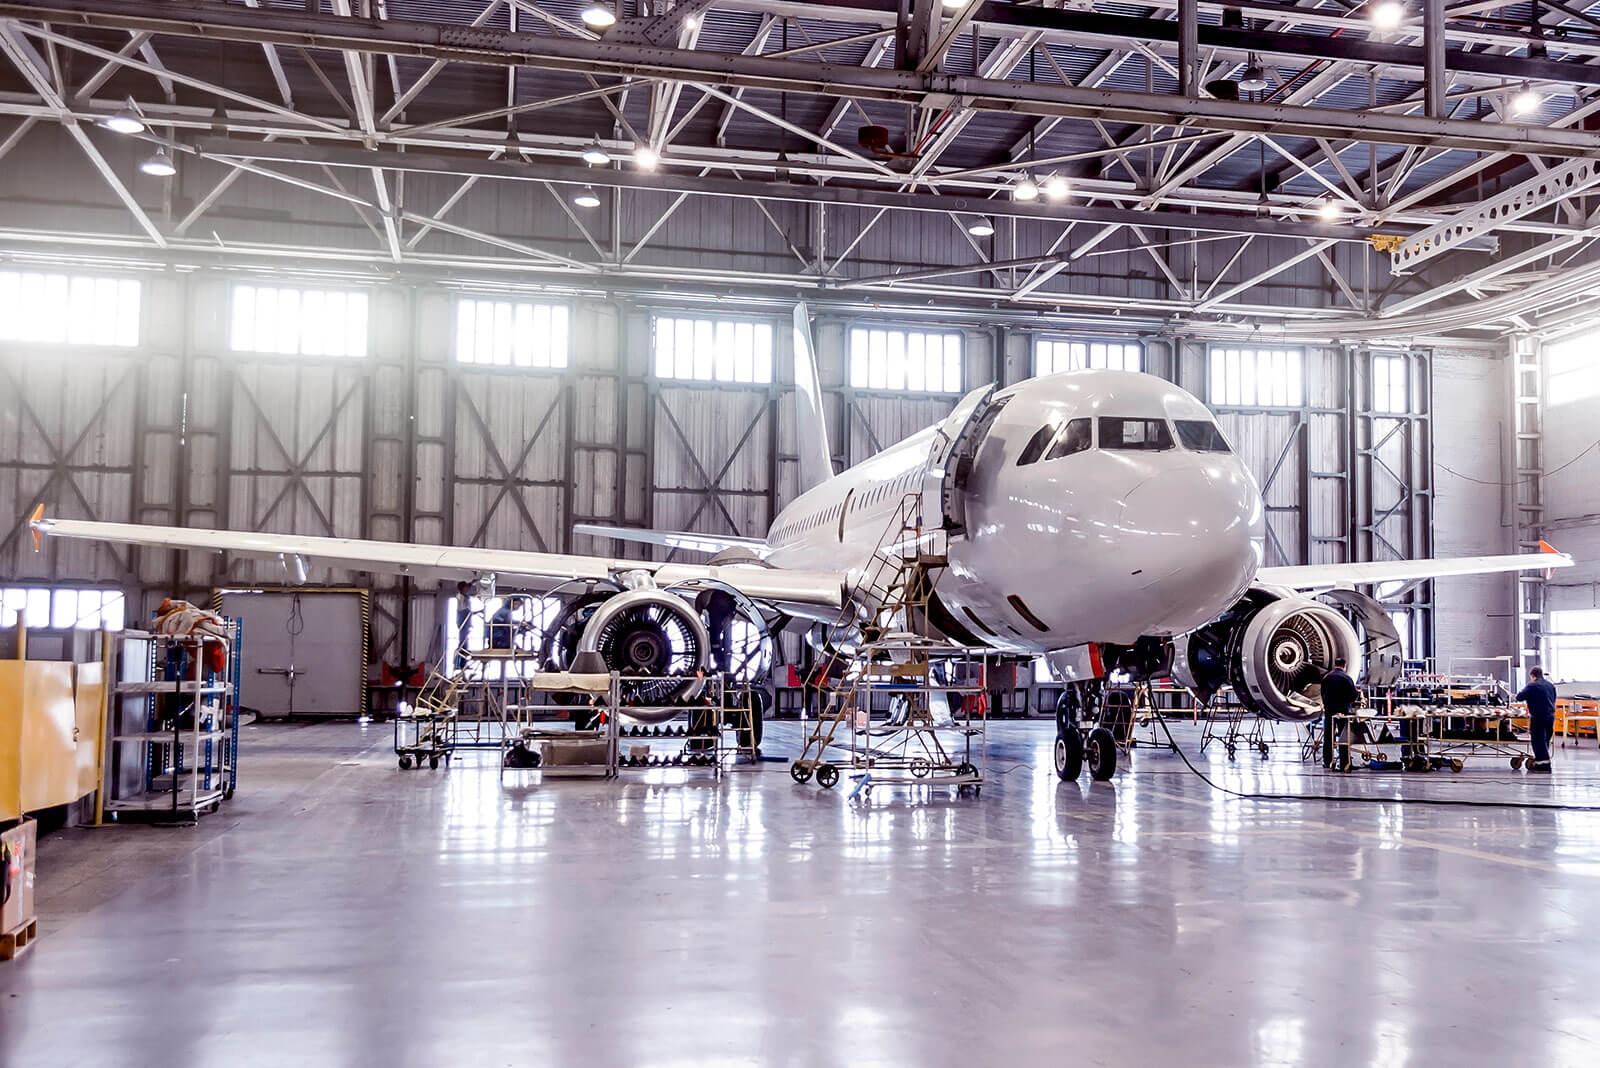 Airbus consolida su ecosistema gracias a la tecnología digital